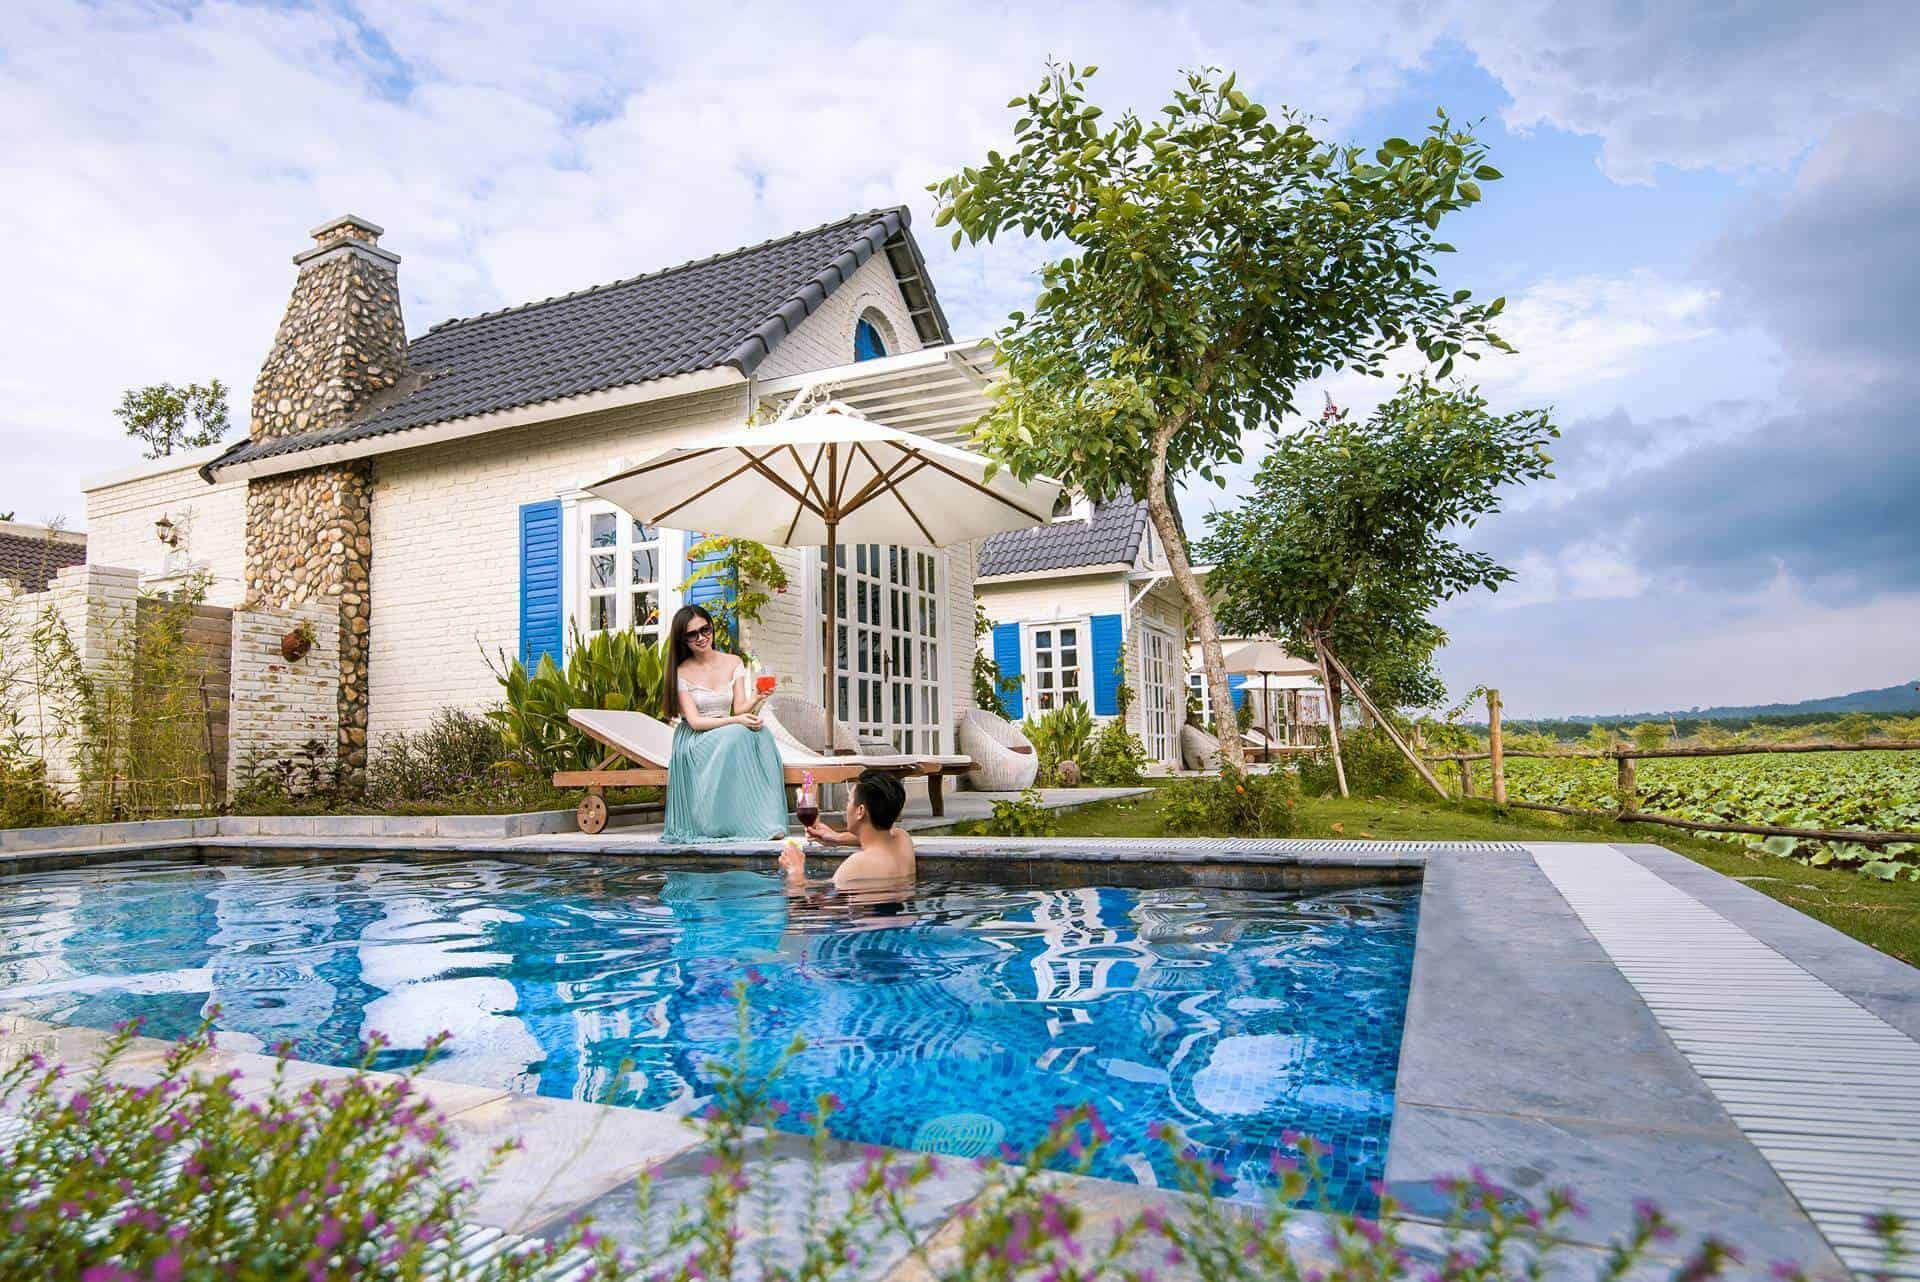 Resort đẹp gần Hà Nội